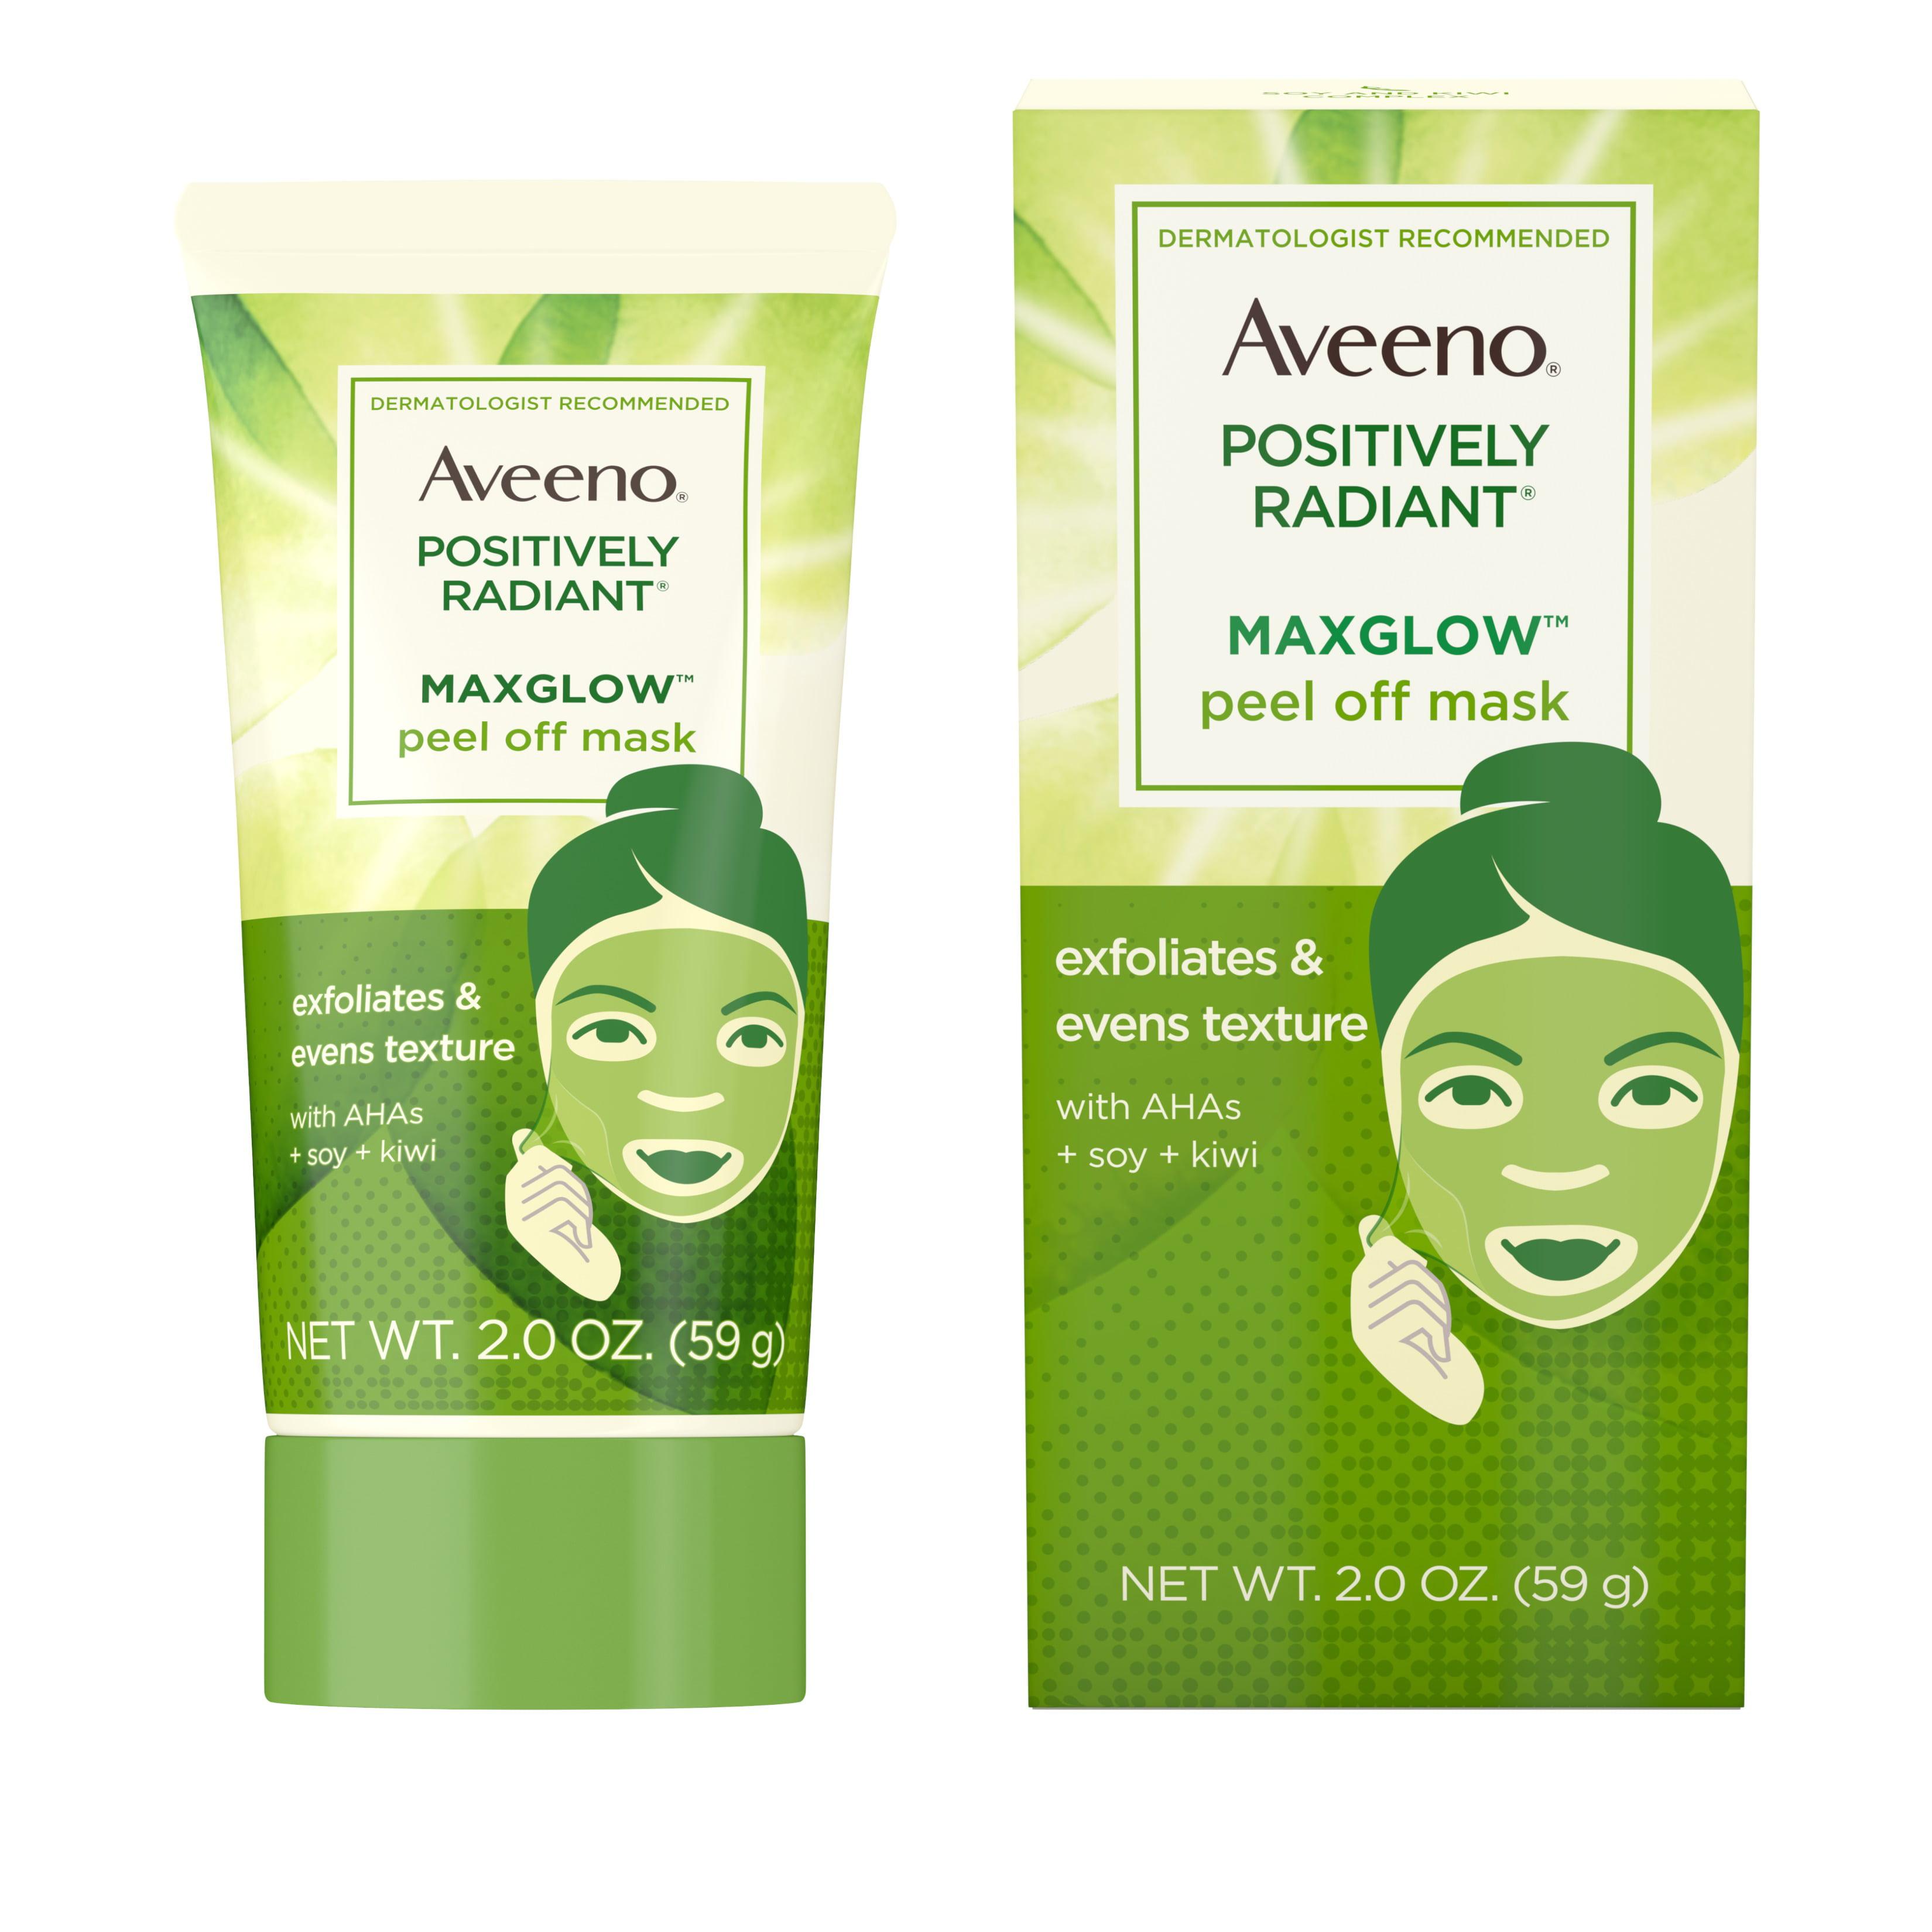 Aveeno Positively Radiant MaxGlow Peel Off Exfoliating Face Mask, 2 oz